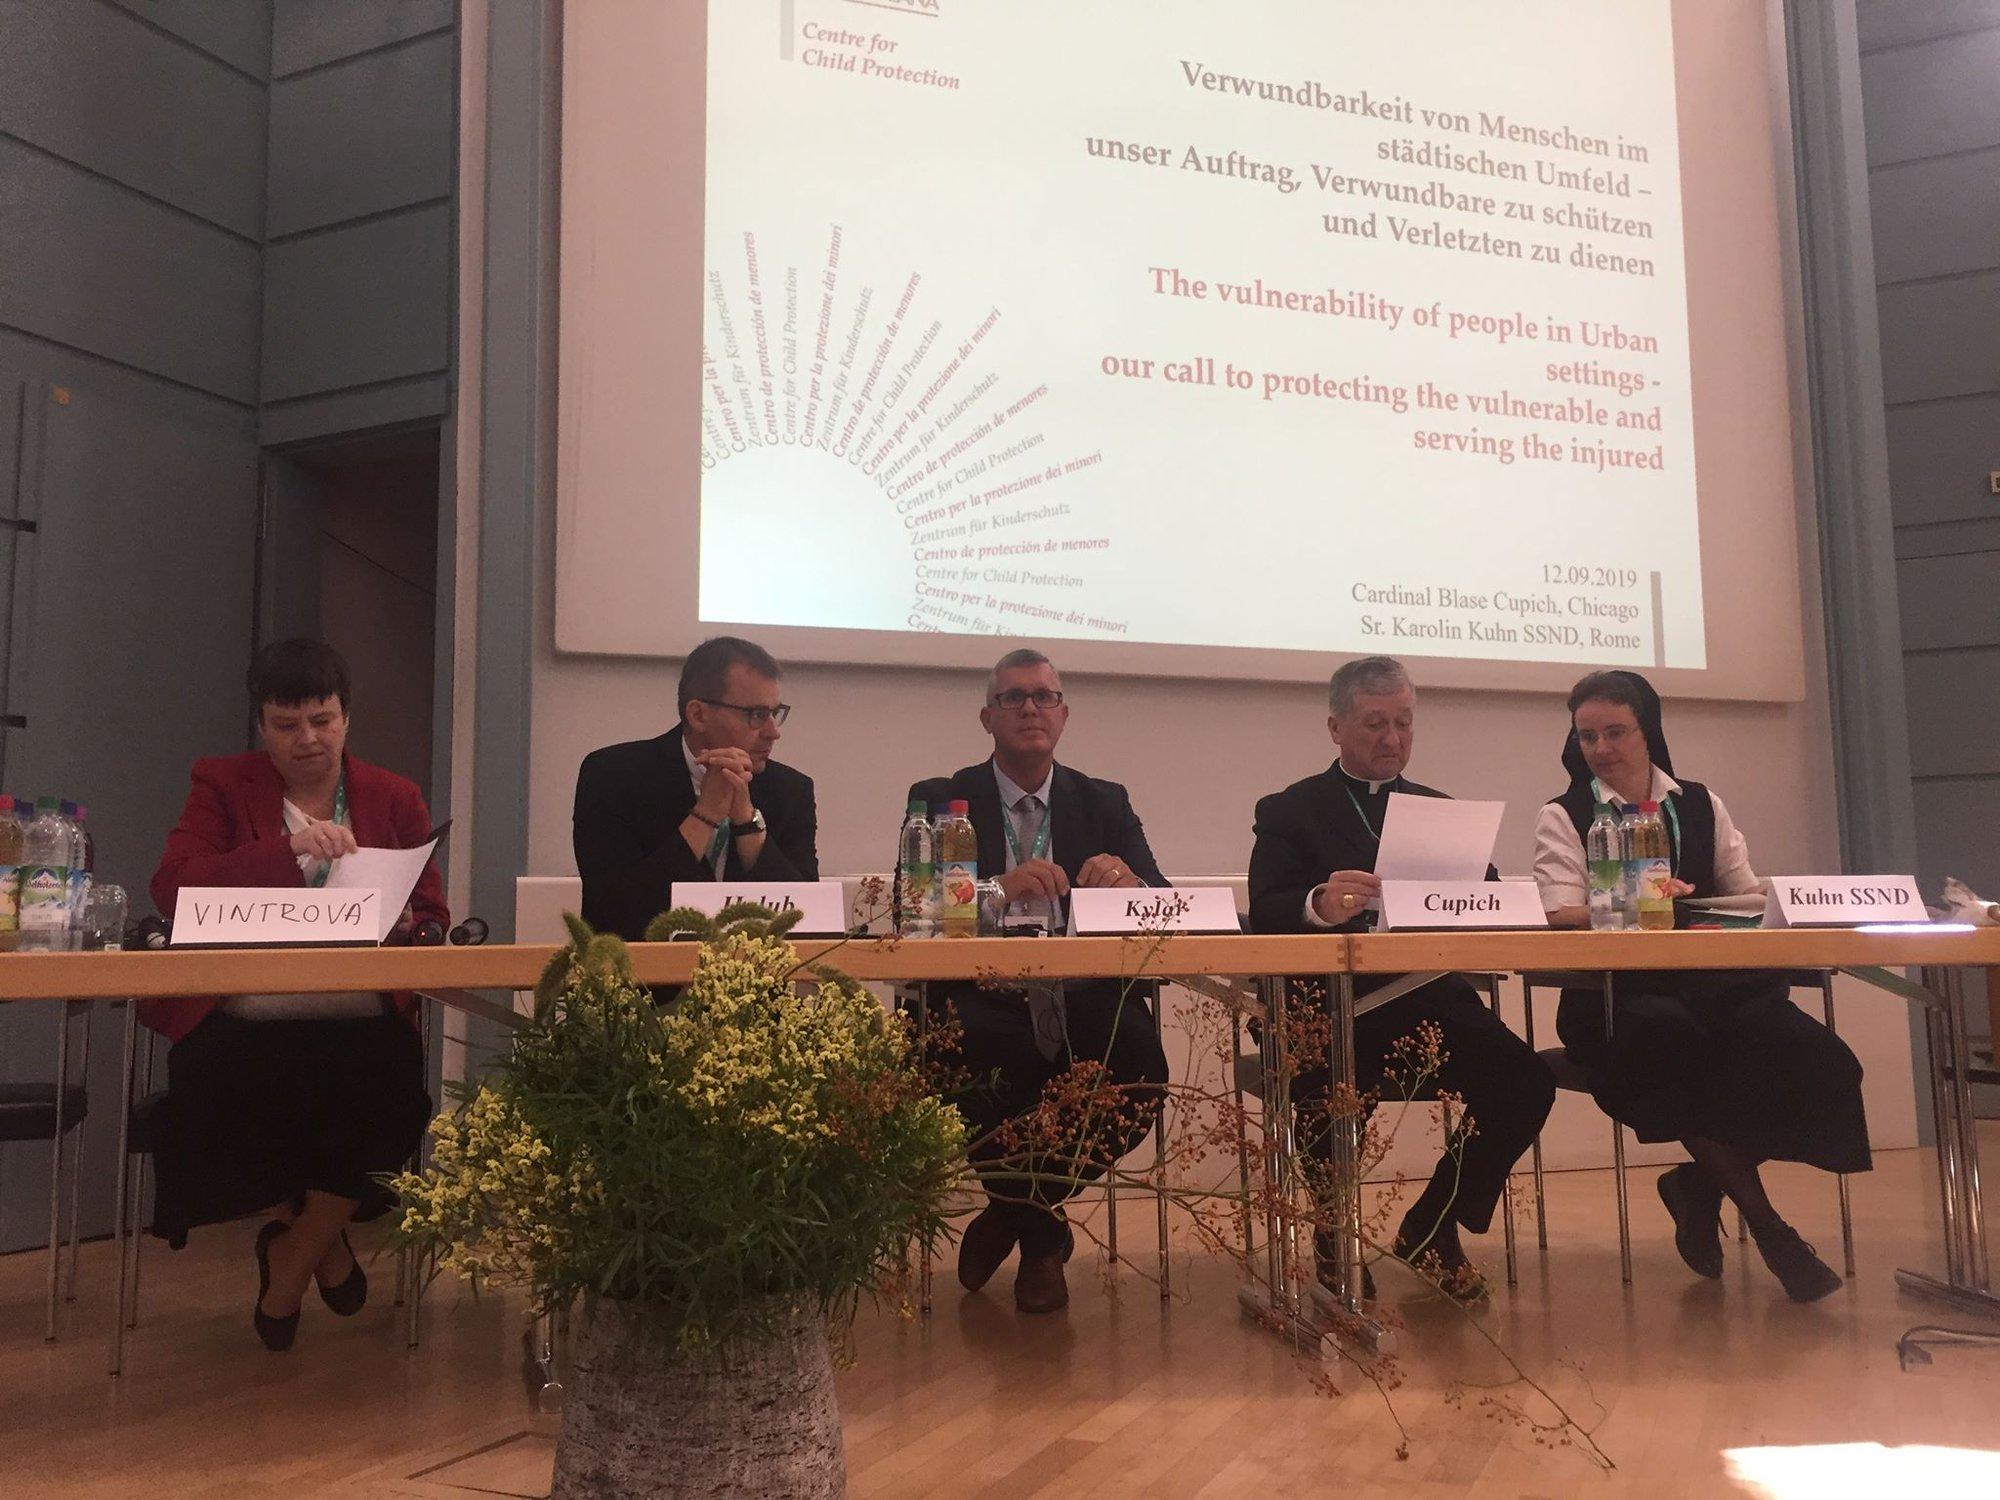 Jiří Kylar a Martina Vintrová přednáší na konferenci Renovabis v Německu.